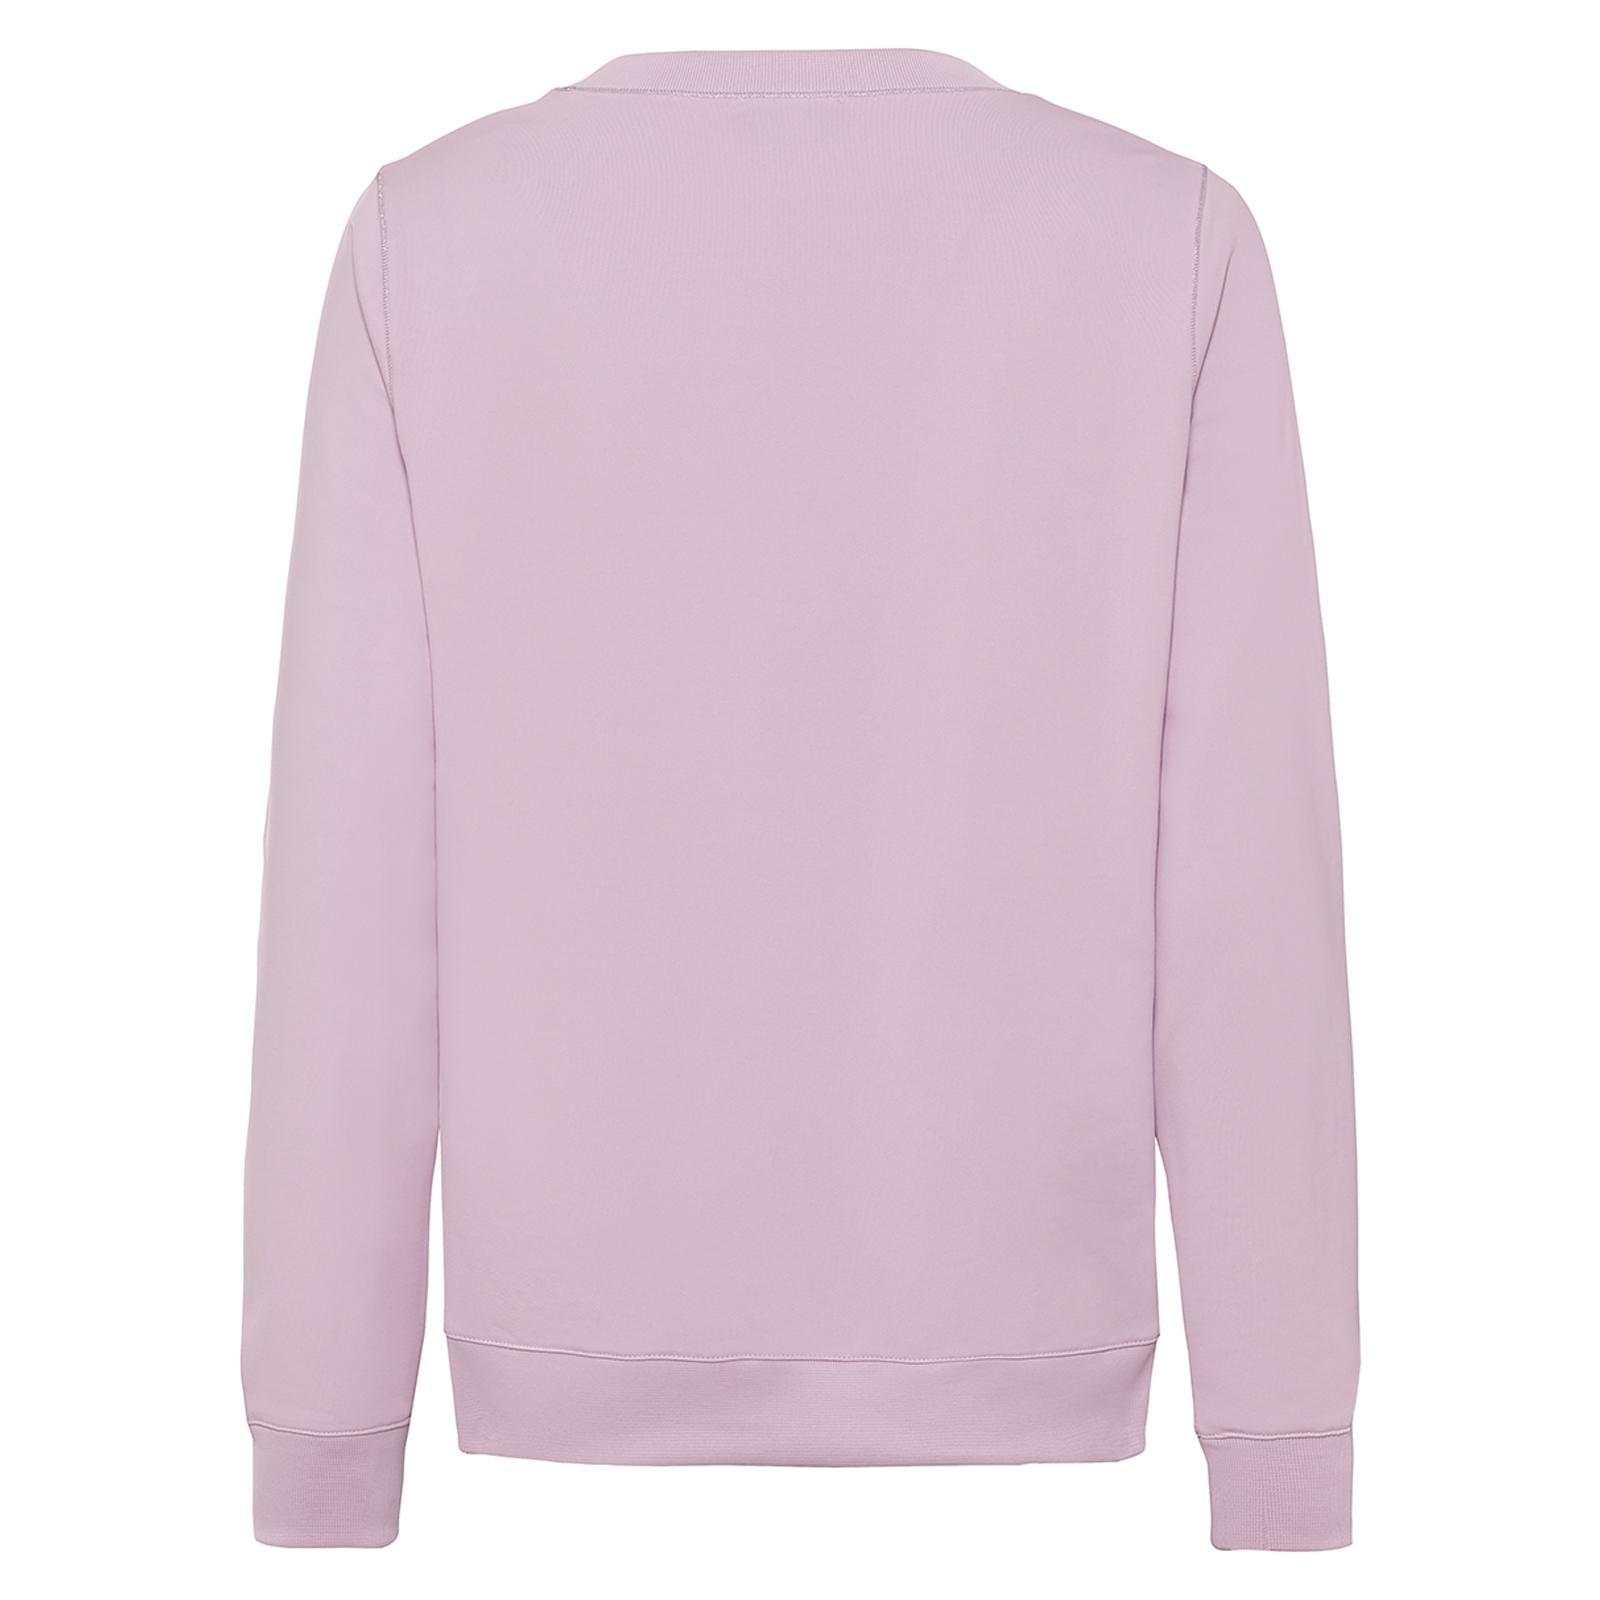 Damen Rundhals Pullover mit Extra Stretch Komfort und Strass-Applikation